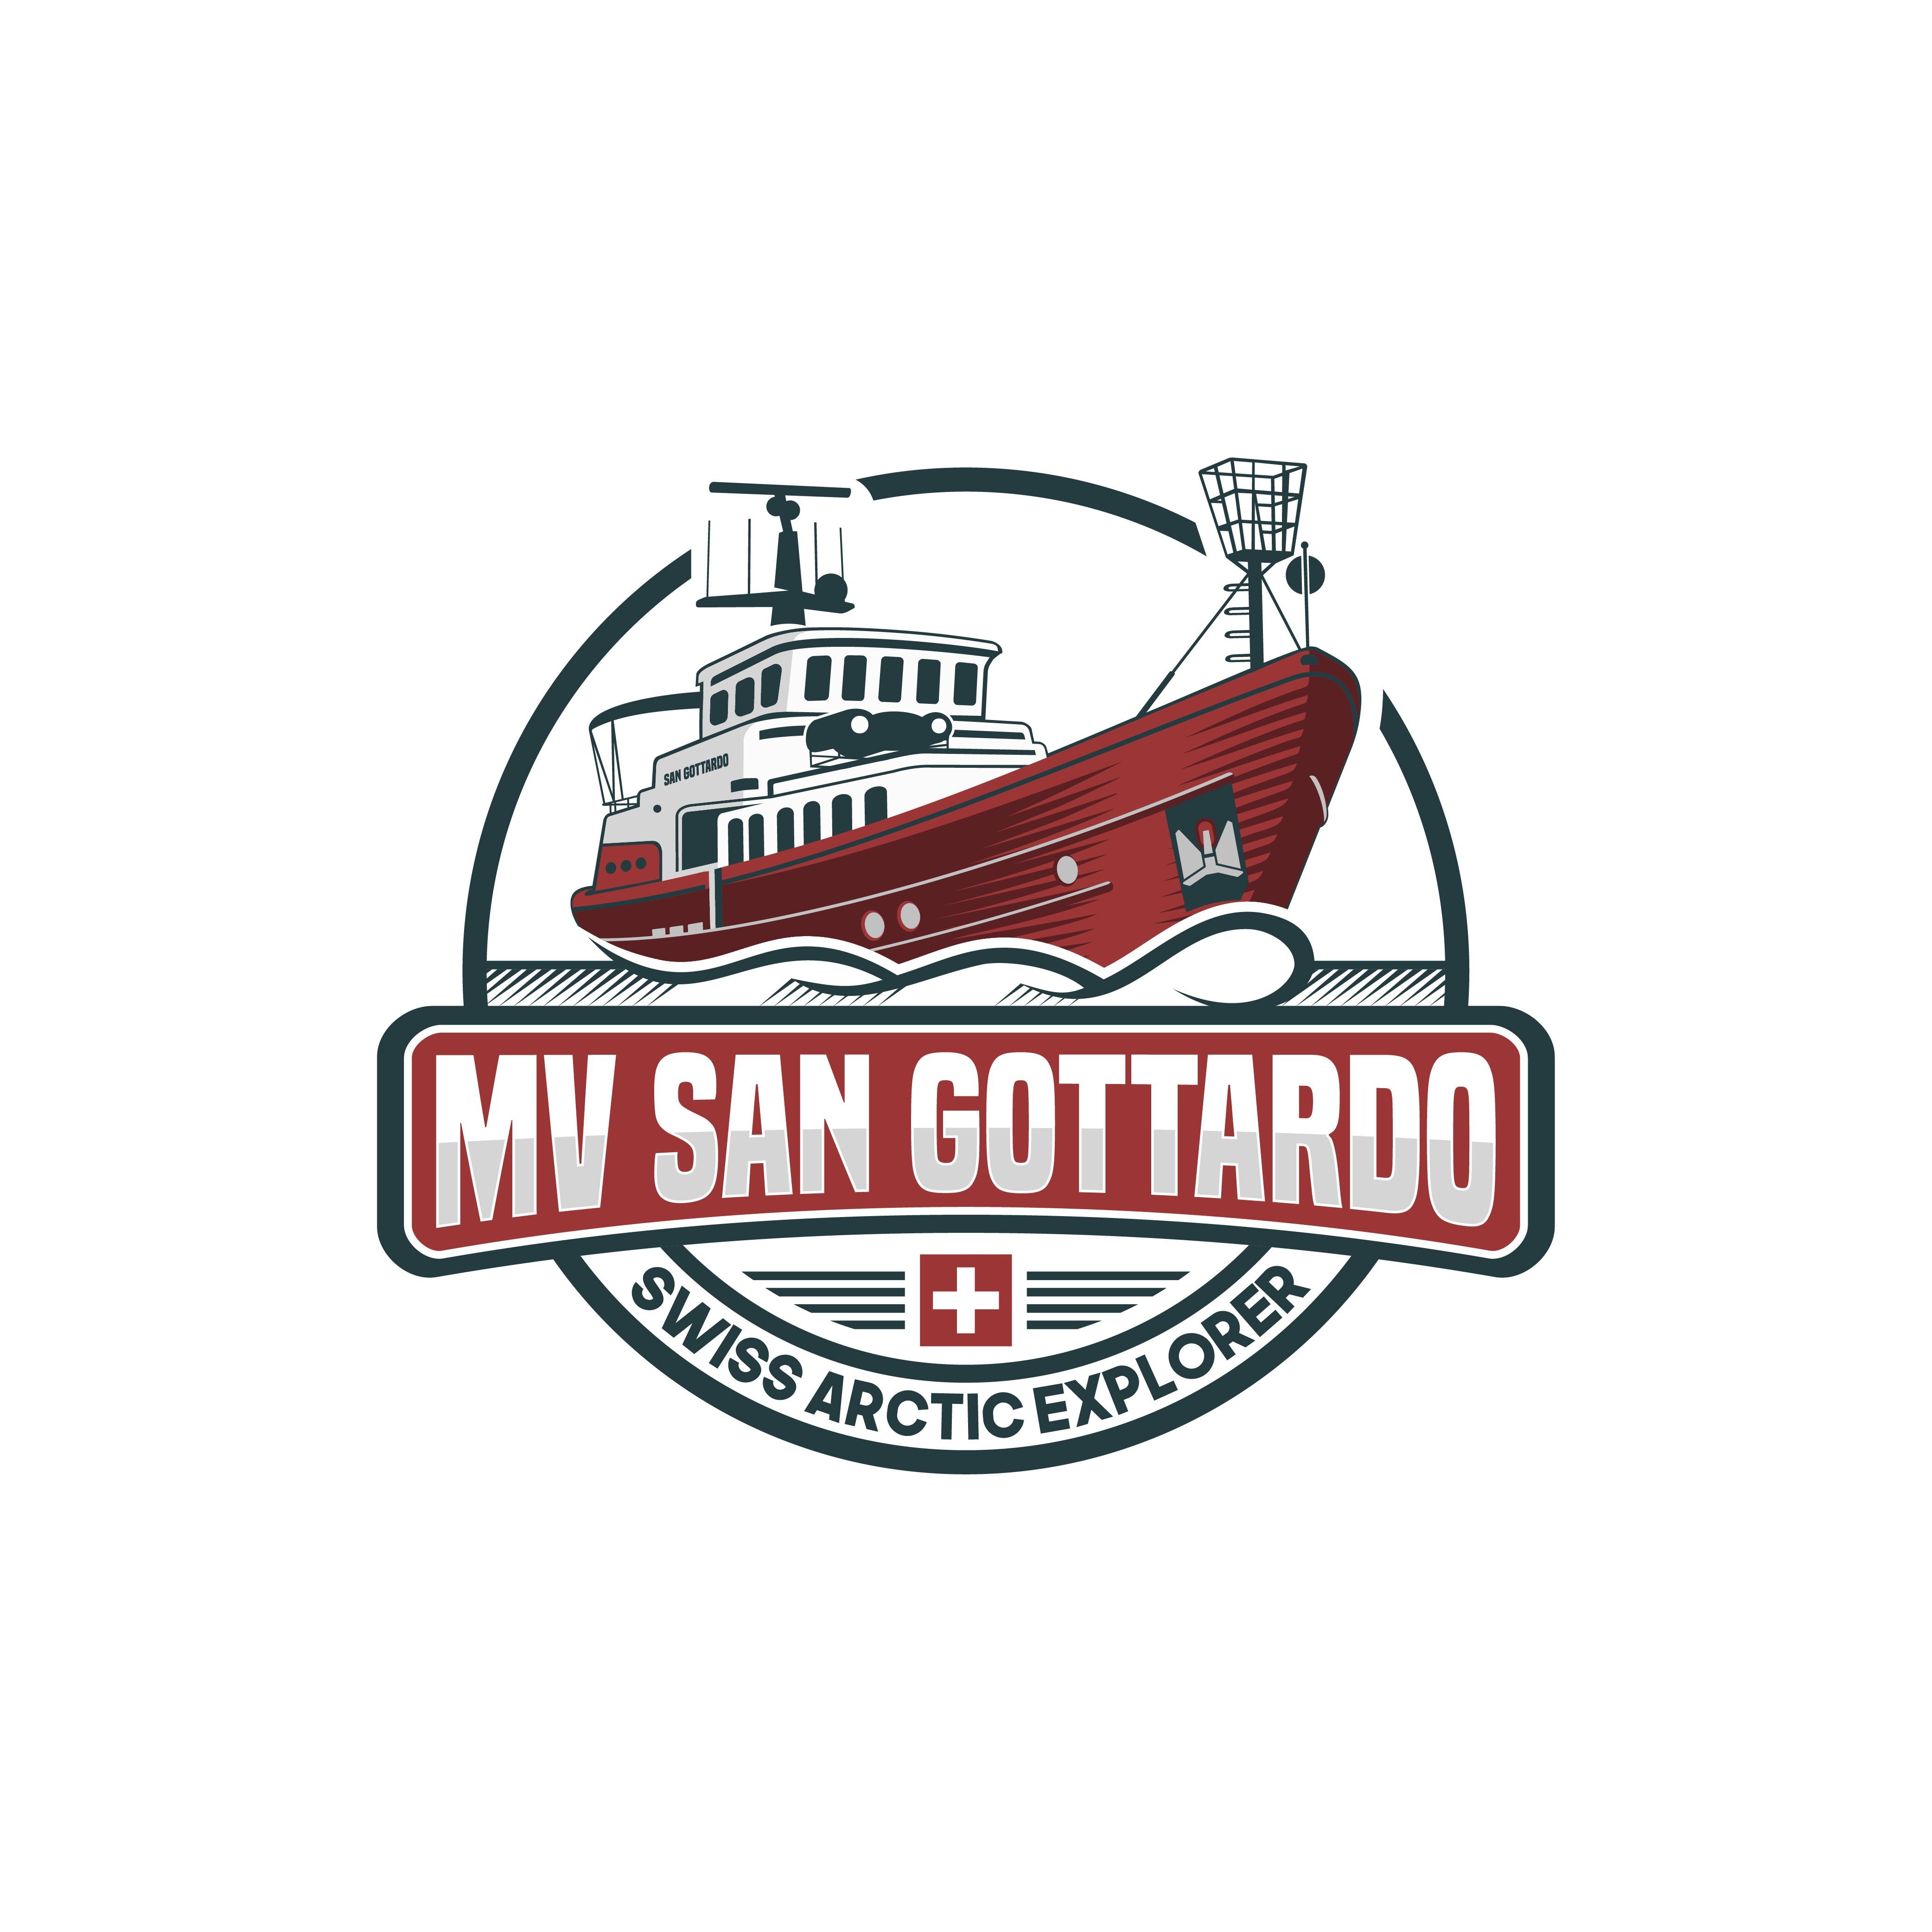 Erstelle ein Expeditionslogo für das Schiff SAN GOTTARDO